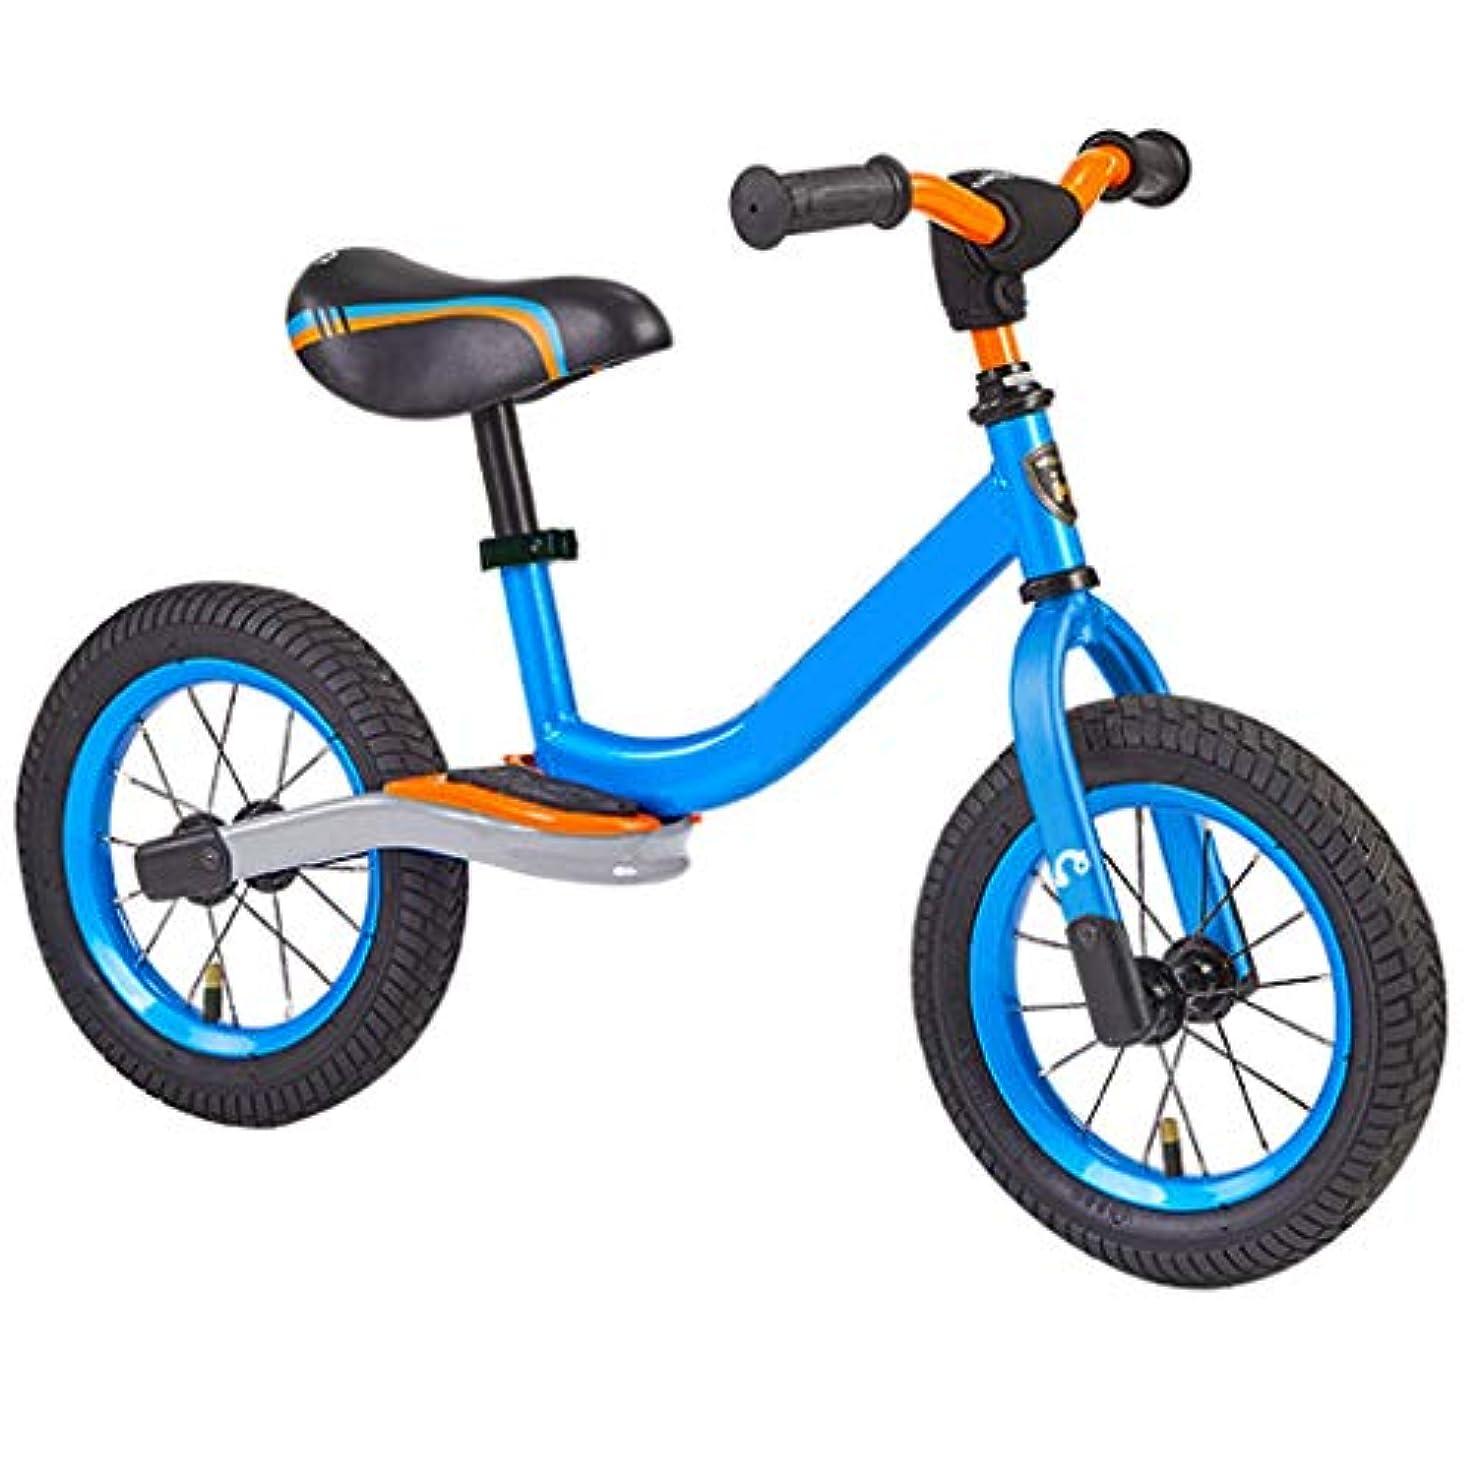 バーチャルピラミッド訴えるバランスバイク、3、4、5歳の子供向け幼児トレーニングバイク-フットレストダンピング付き超クールな色のプッシュバイク